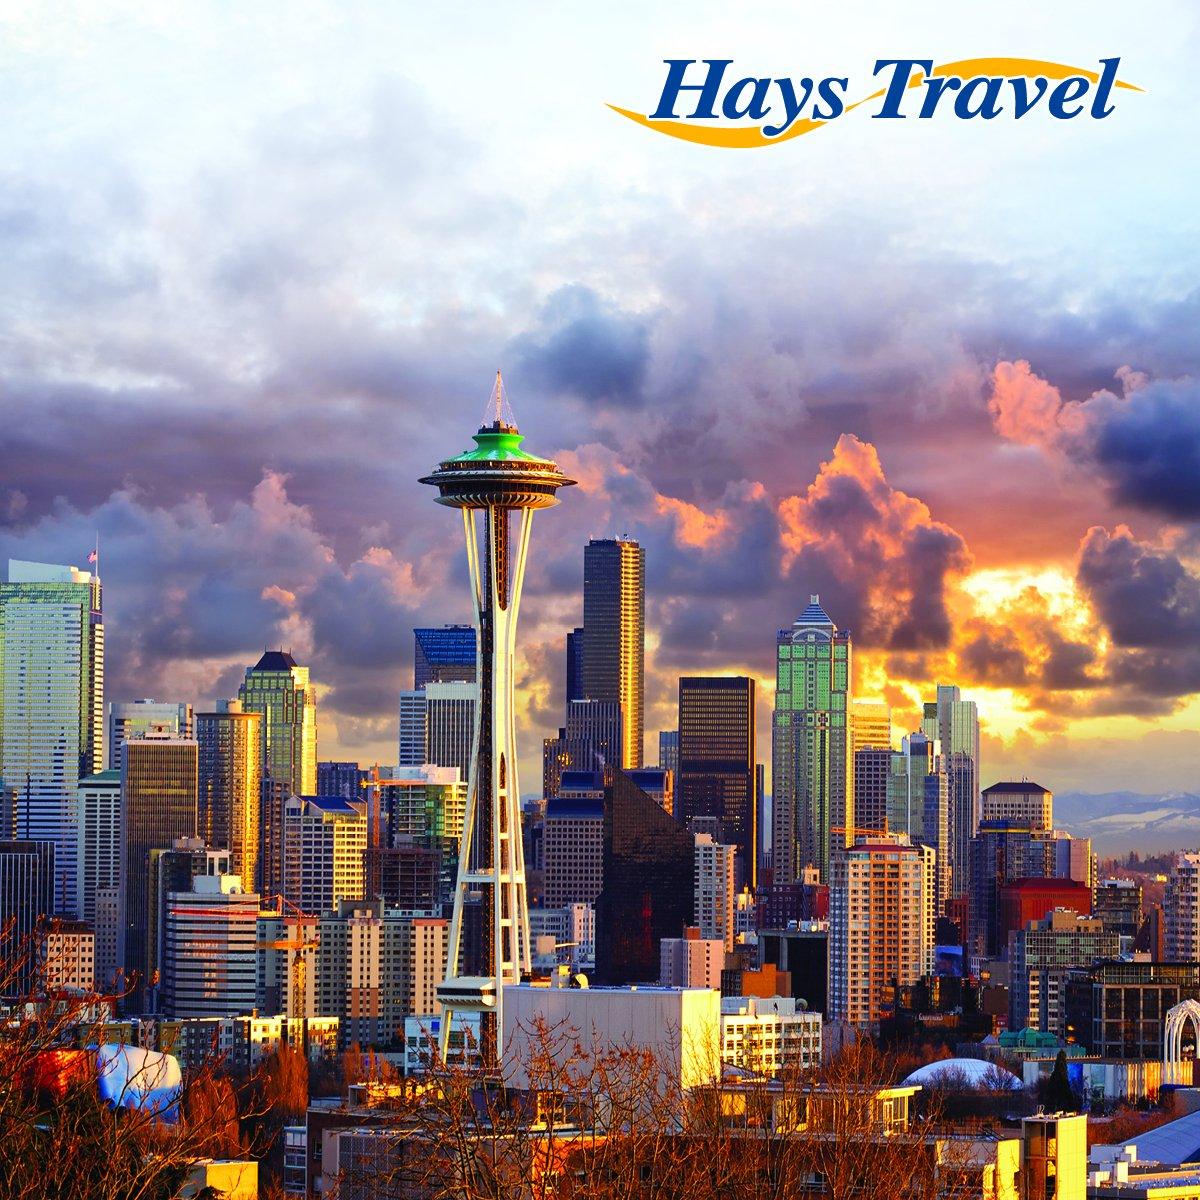 hays travel - photo #12